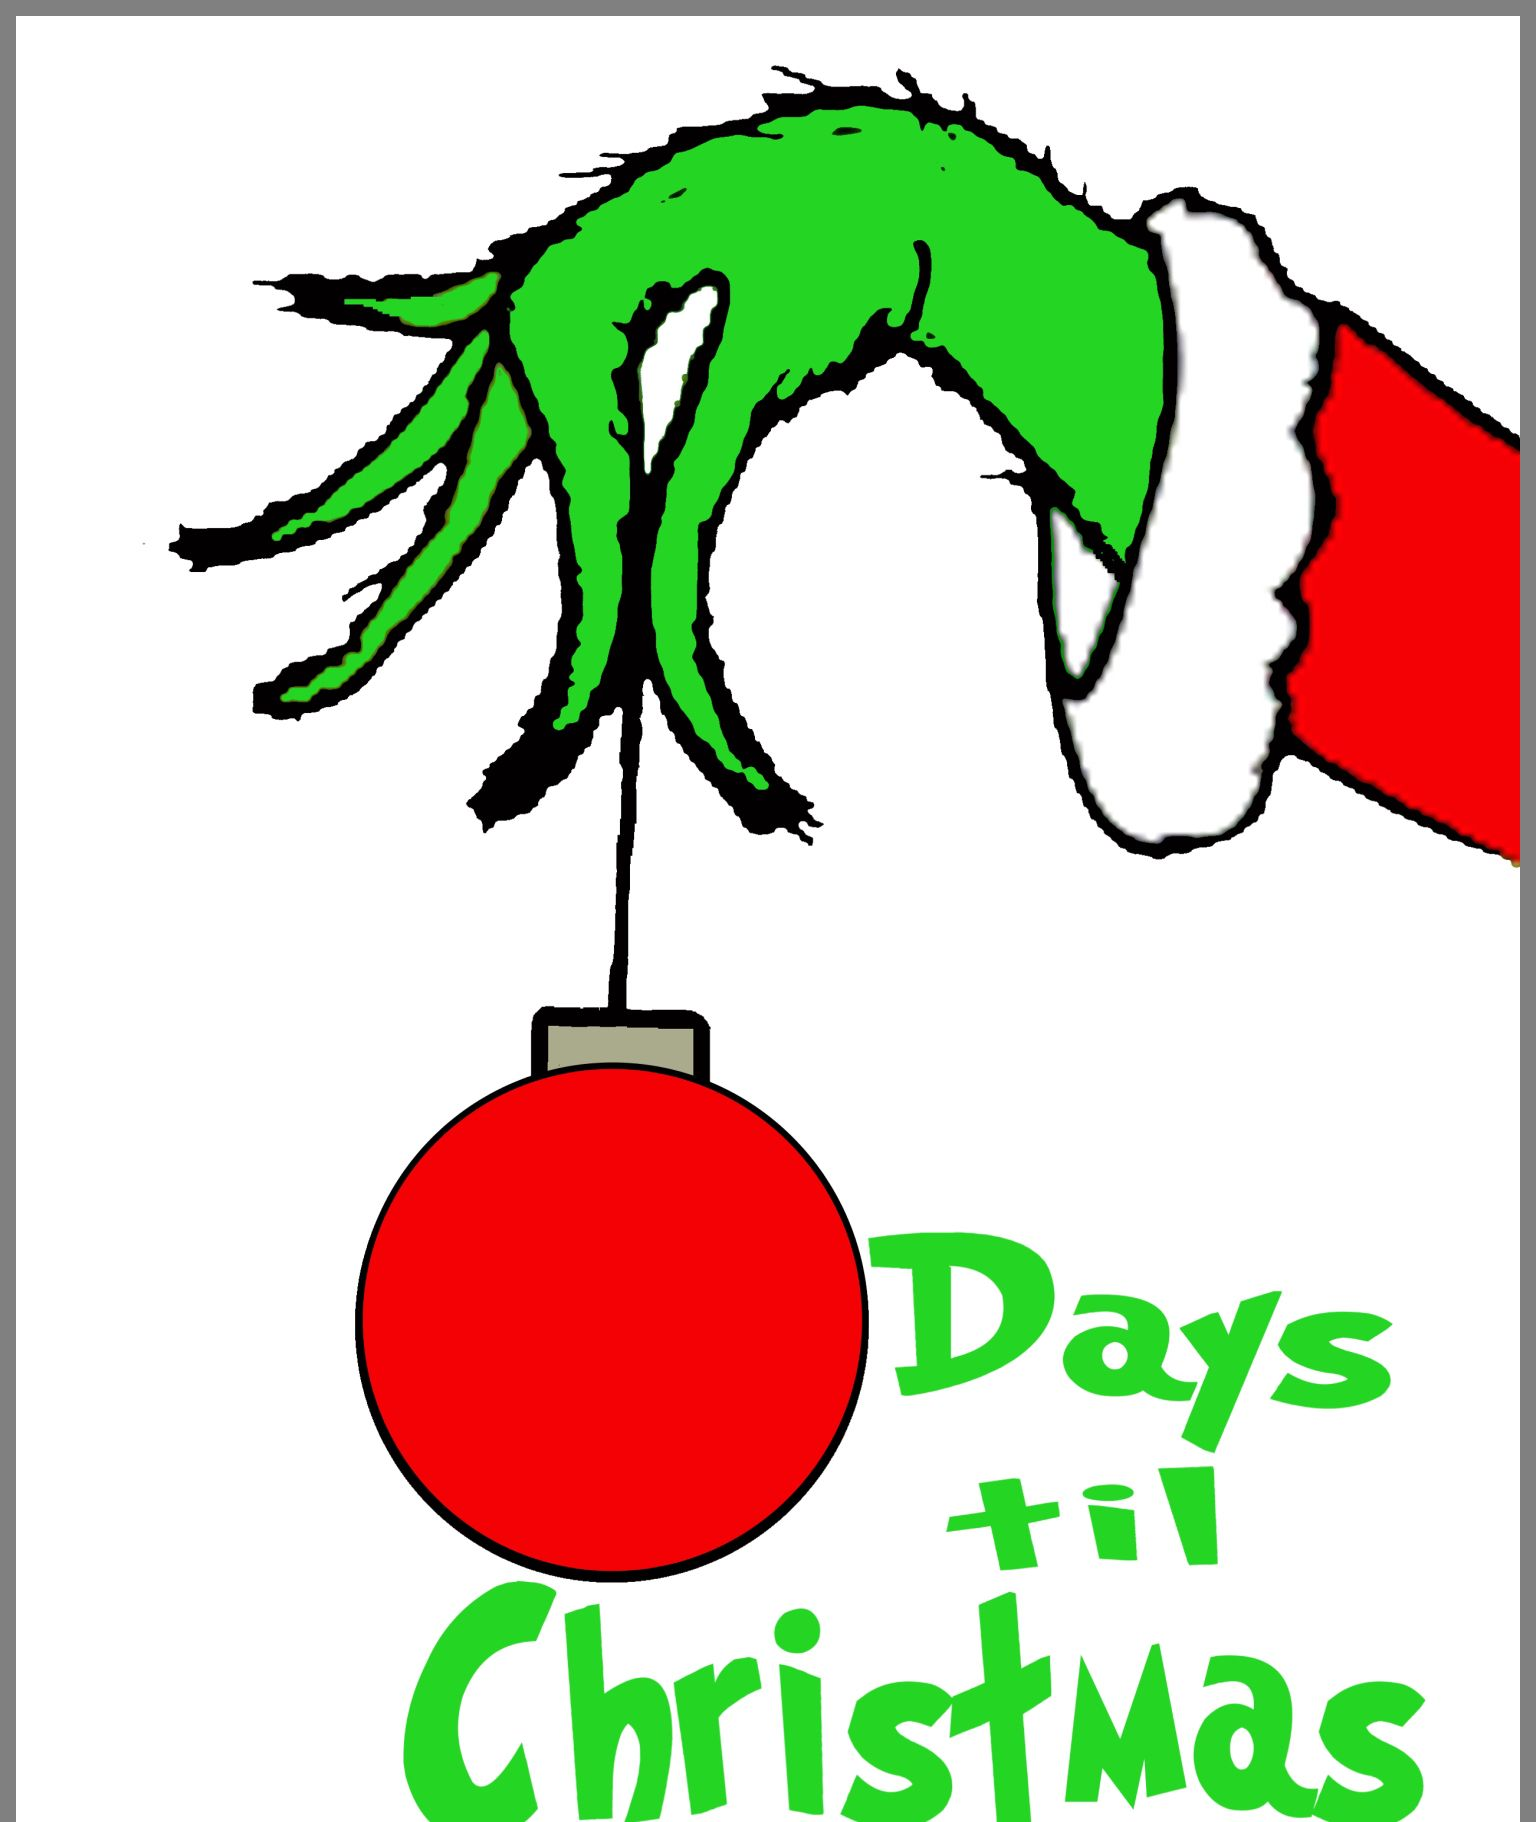 Free Grinch Hand Christmas Countdown Printable Printables 4 Mom Grinch Hands Christmas Countdown Printable Grinch Christmas Decorations